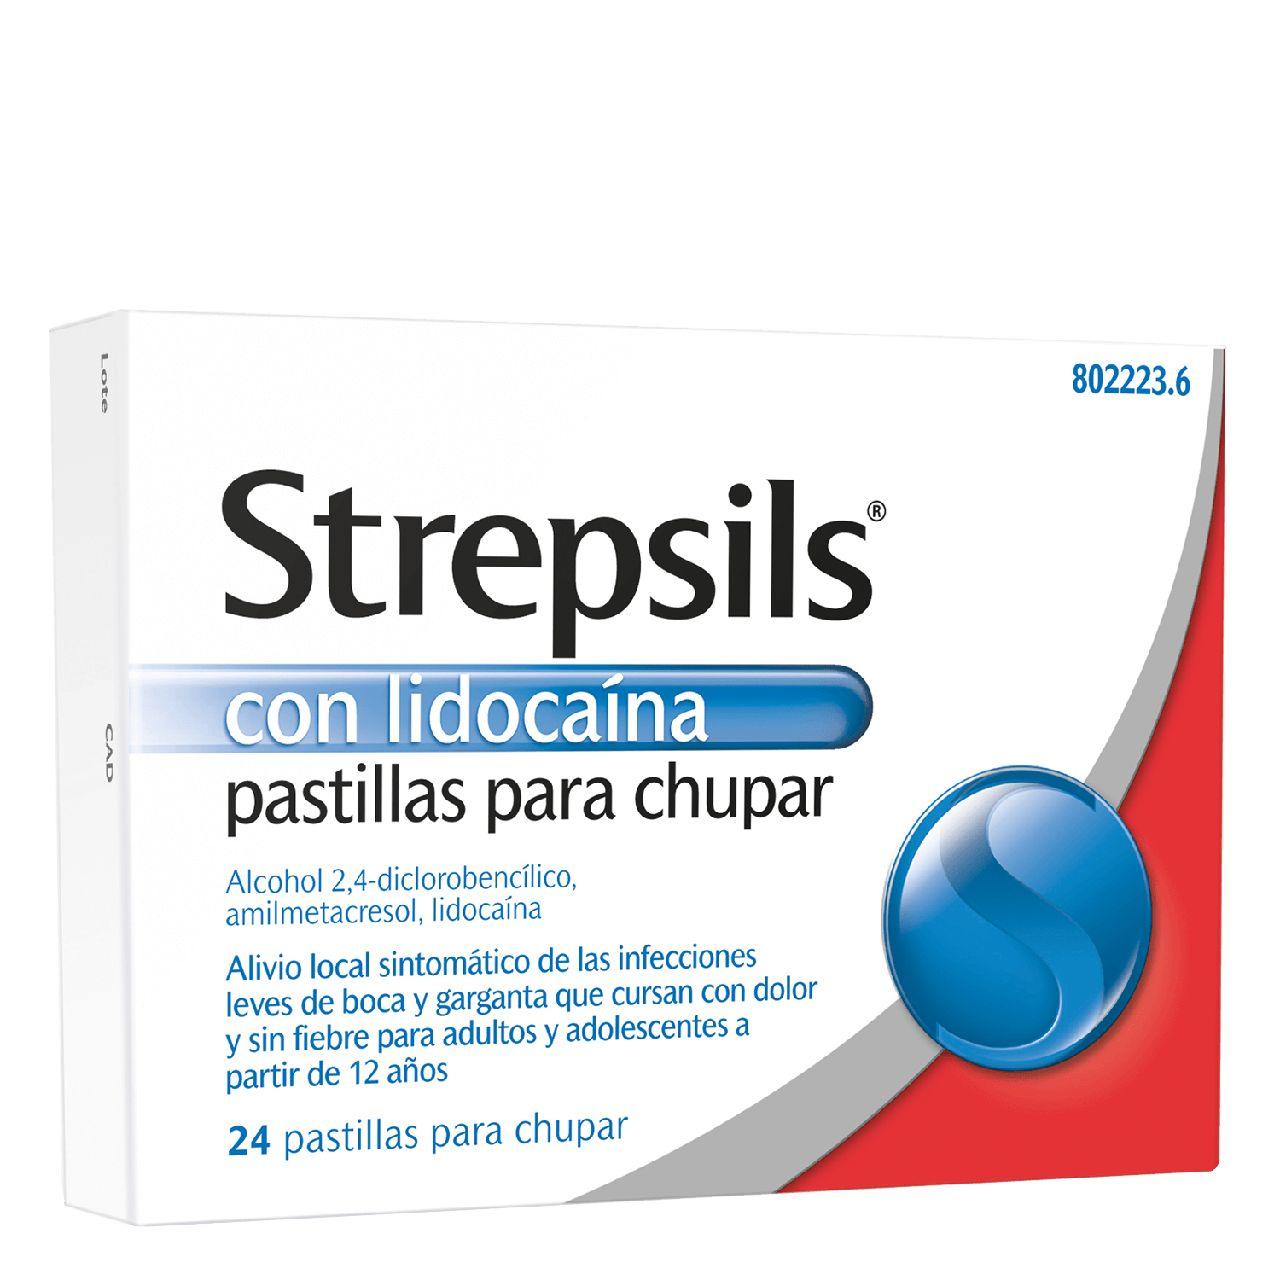 STREPSILS LIDOCAINA 24 PASTILLAS PARA CHUPAR